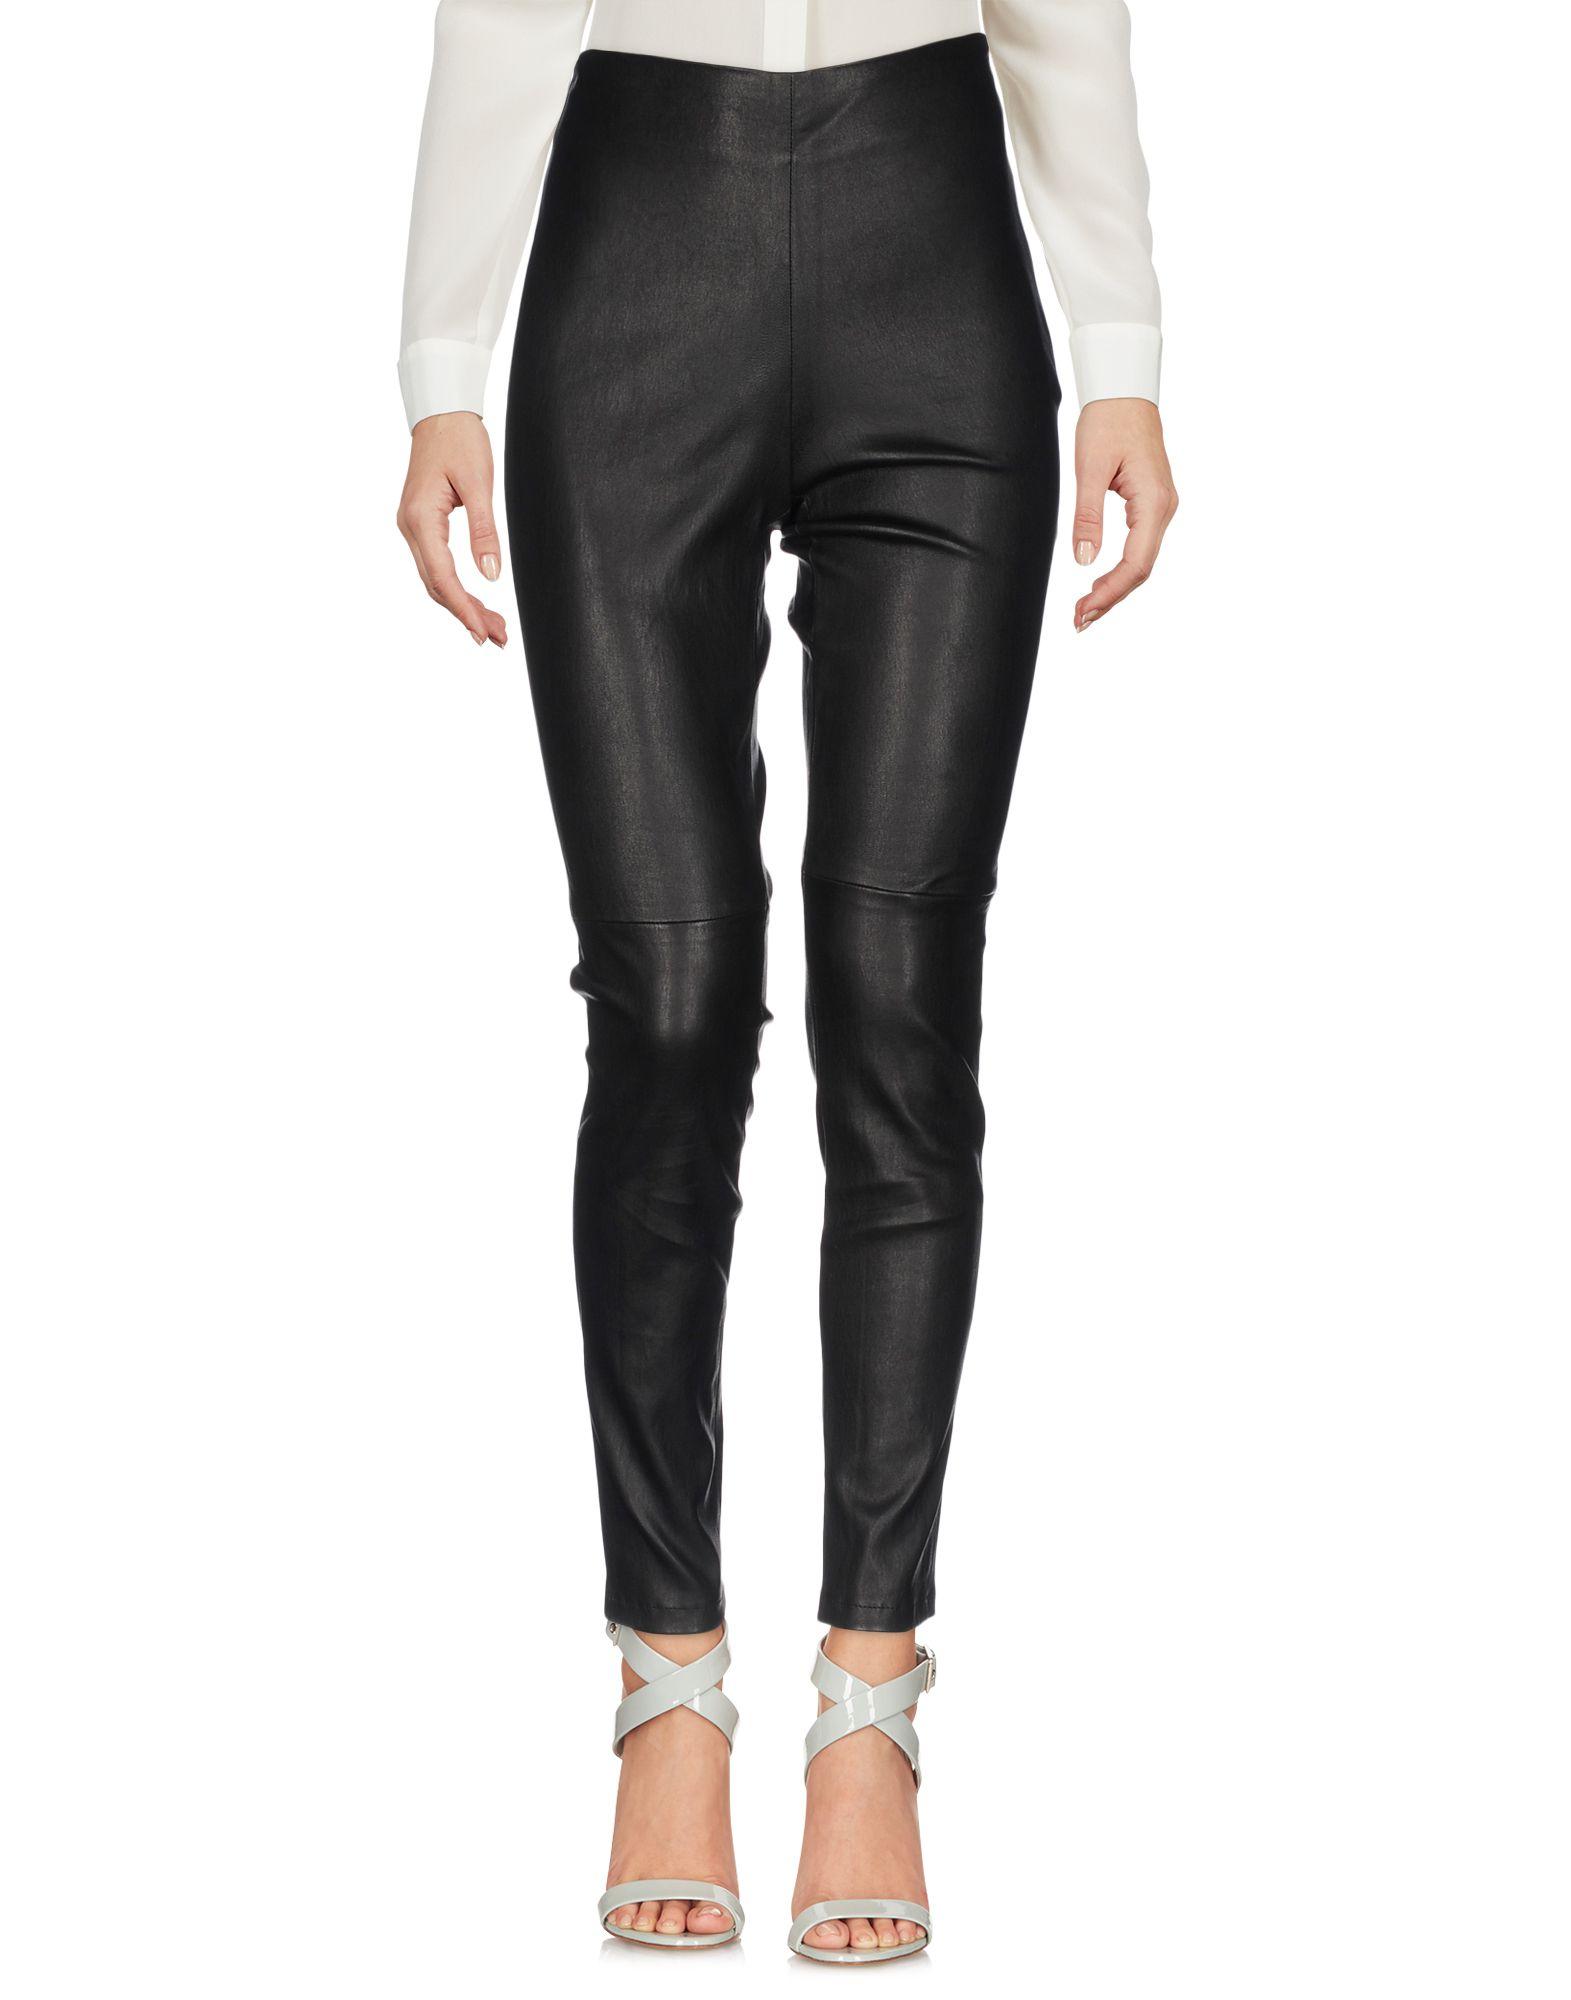 Pantalone Pinko Donna - Acquista online su zFbdVZO